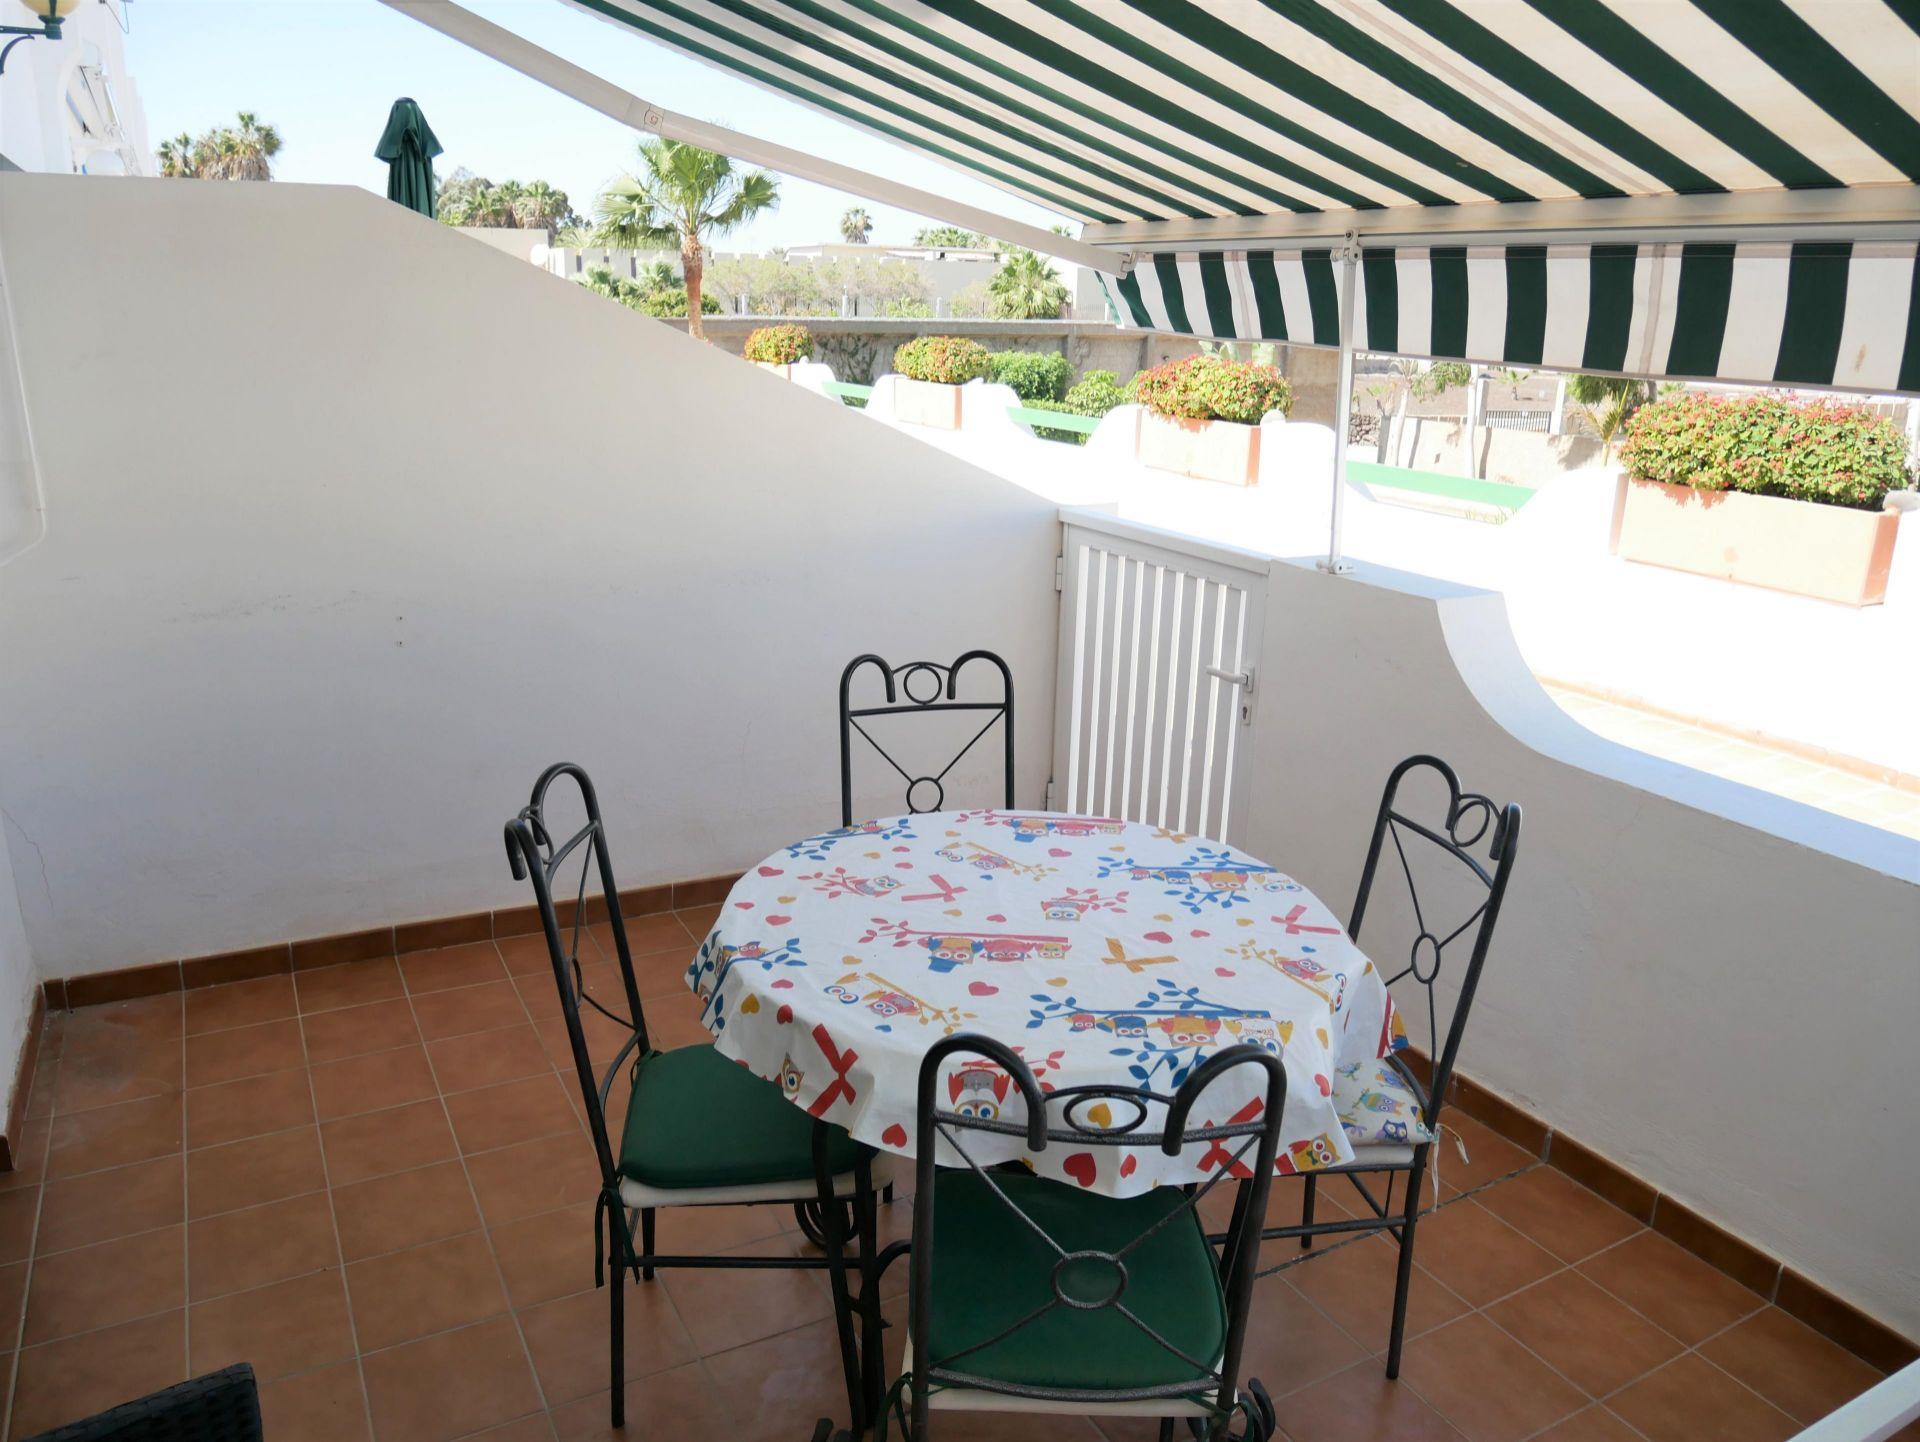 1 Schlafzimmer Wohnung von 45m² mit einer Terrasse von 10m2, die Nachmittagssonne .... mehr Info